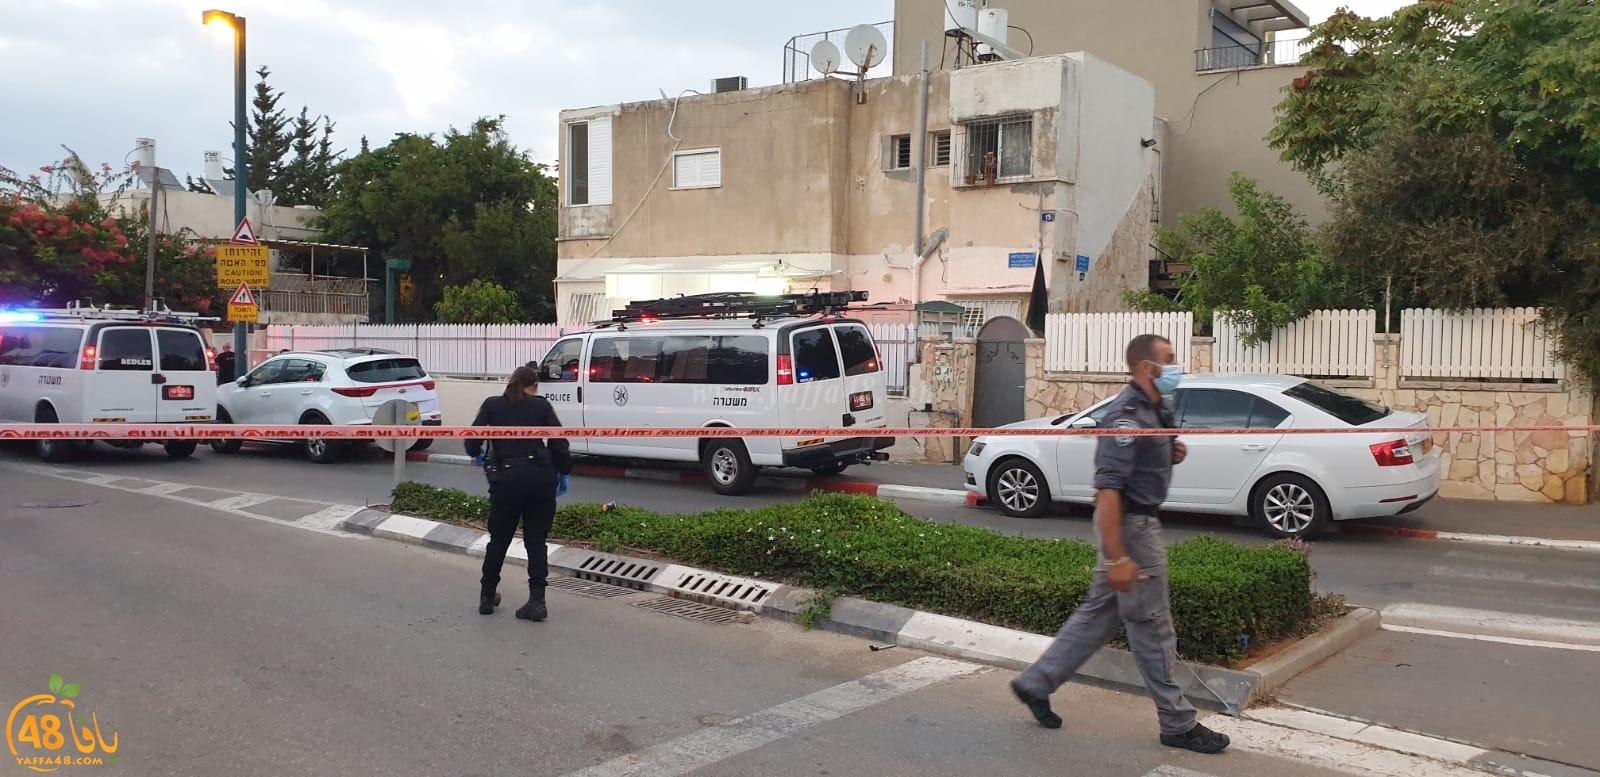 بعد سلسلة من حوادث اطلاق النار - مخاوف من عودة أعمال العنف وبقوة في المنطقة